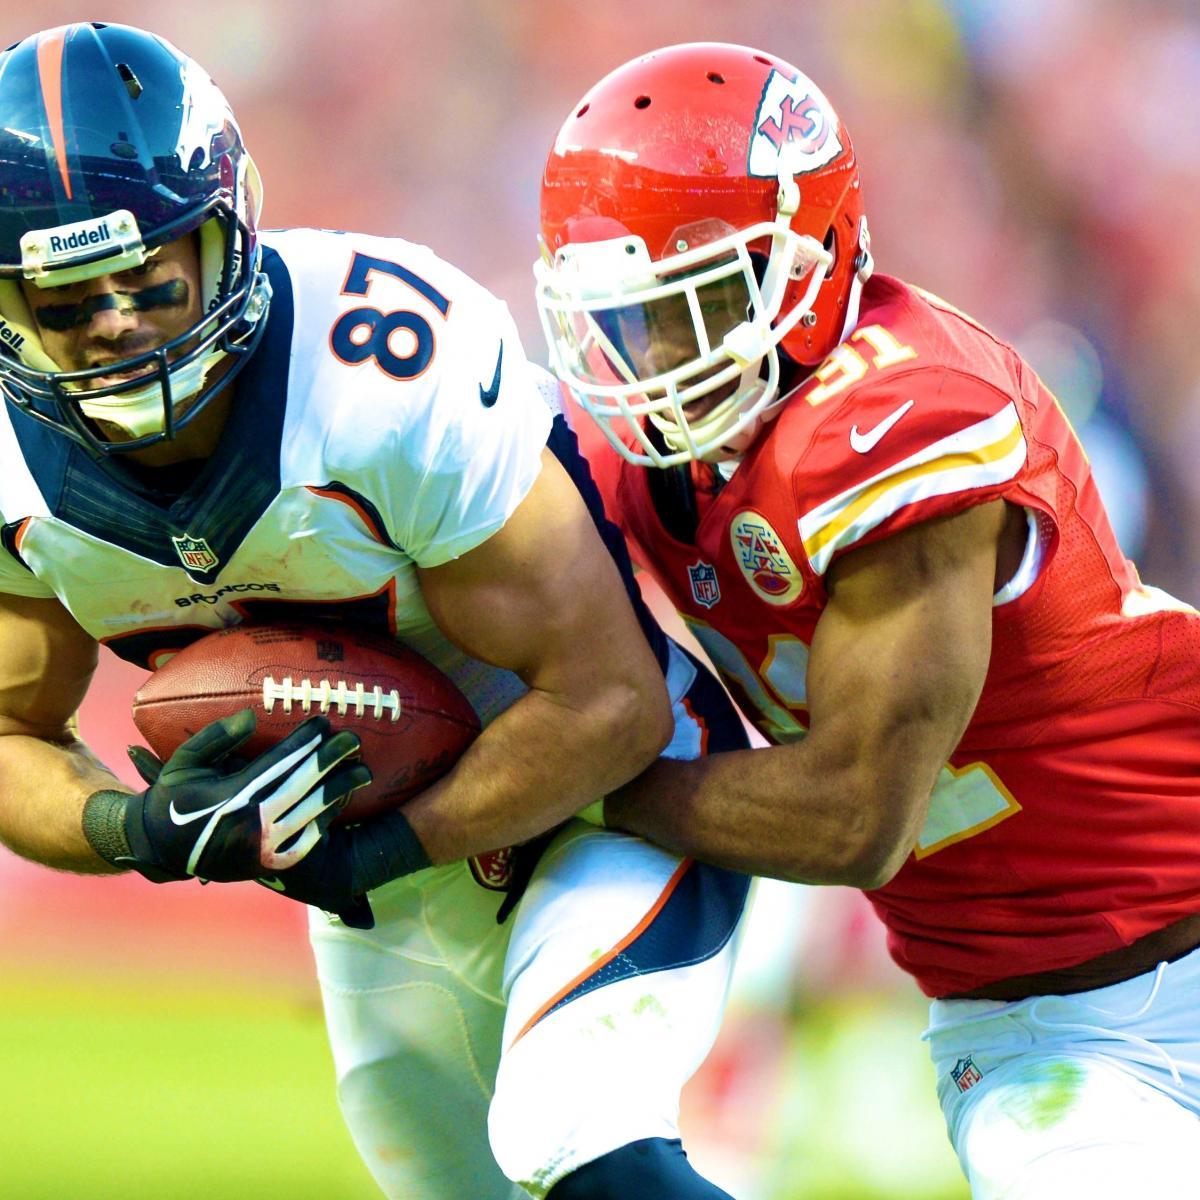 Denver Broncos Vs. Kansas City Chiefs: Live Score